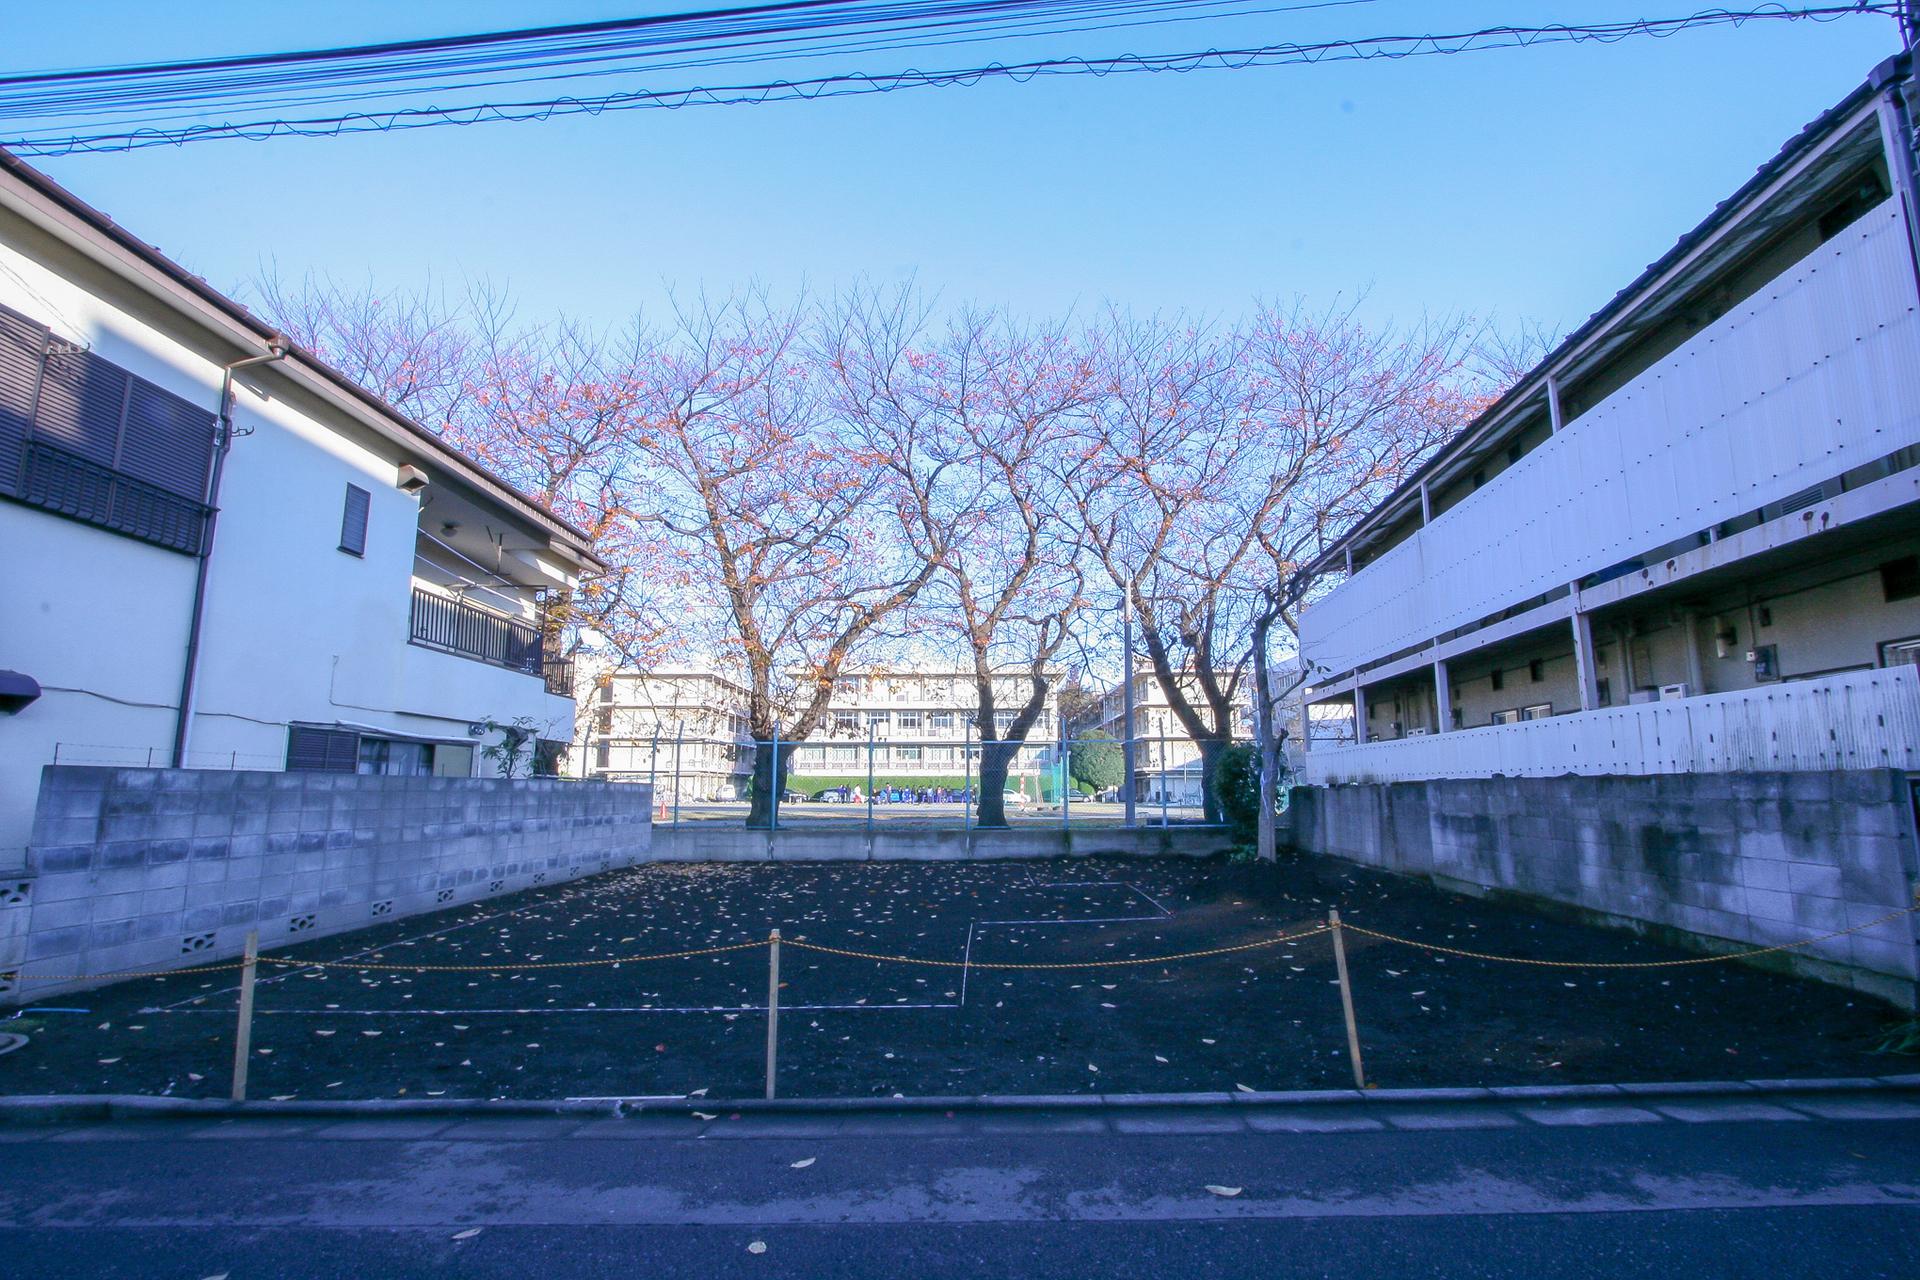 f:id:akichiniiko:20190209175035j:plain